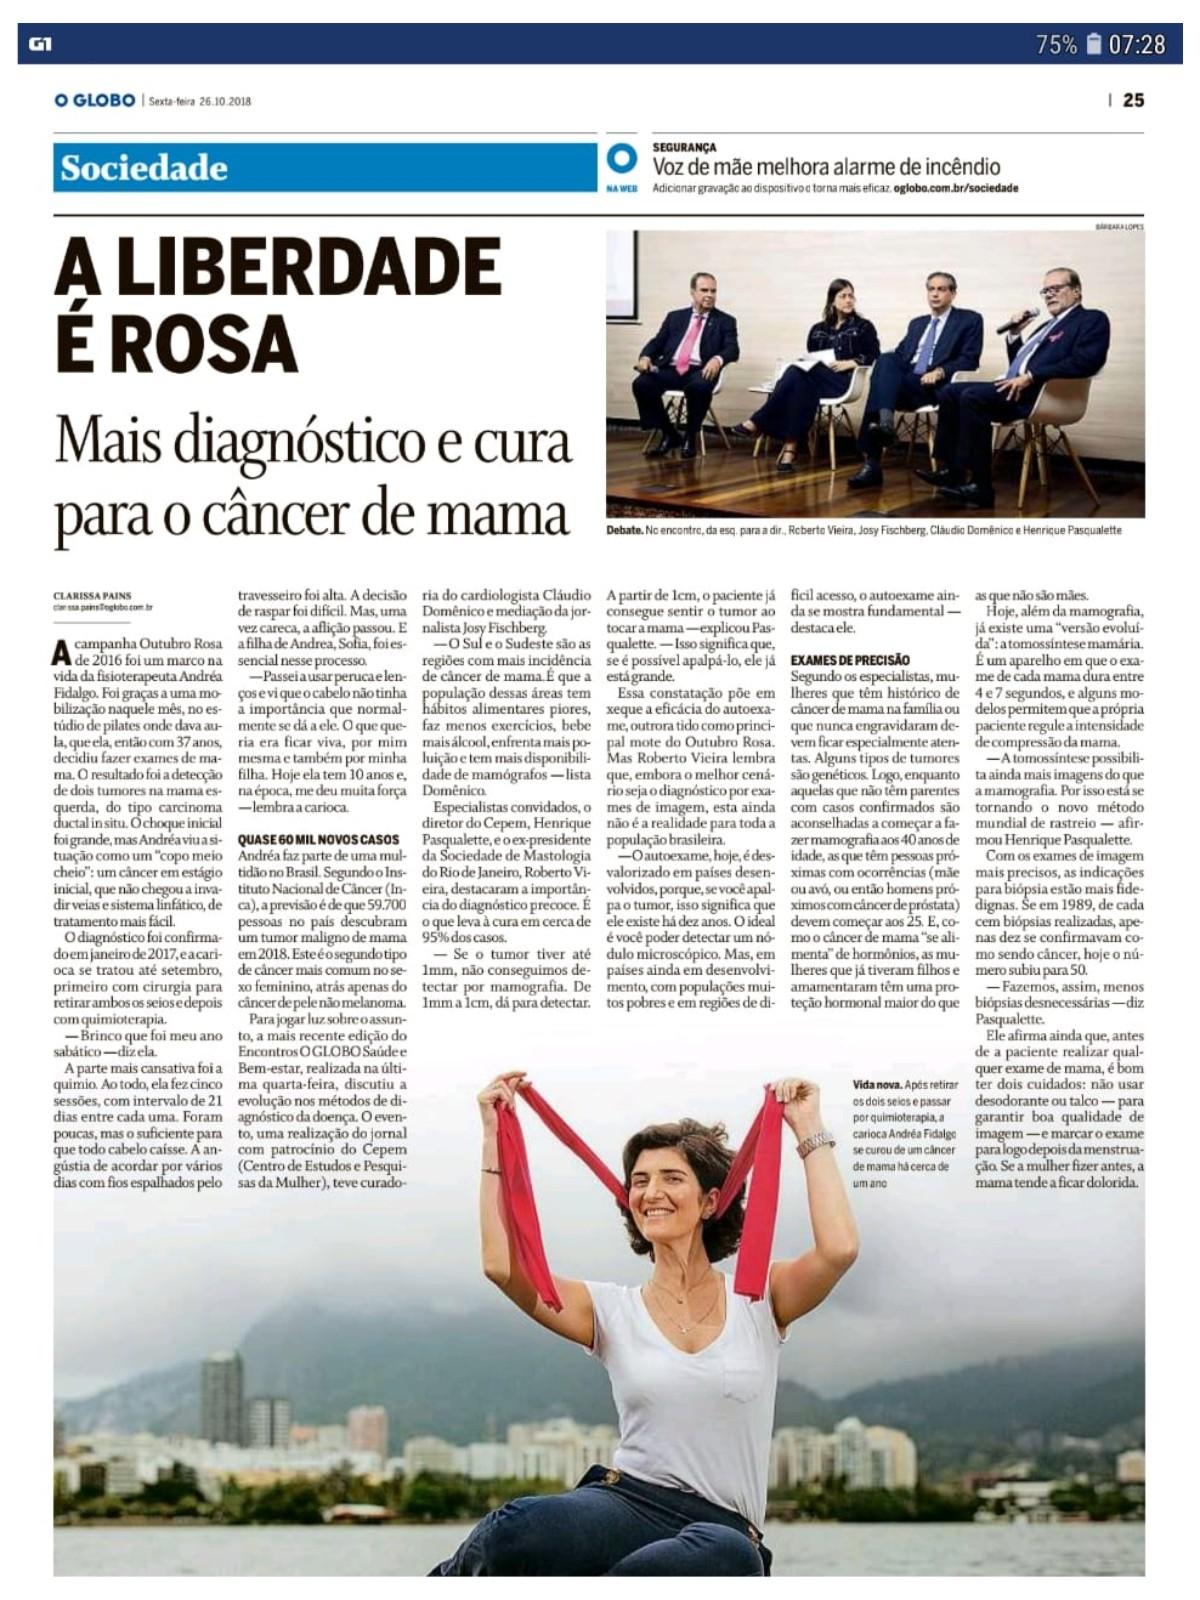 Artigo - A liberdade é Rosa